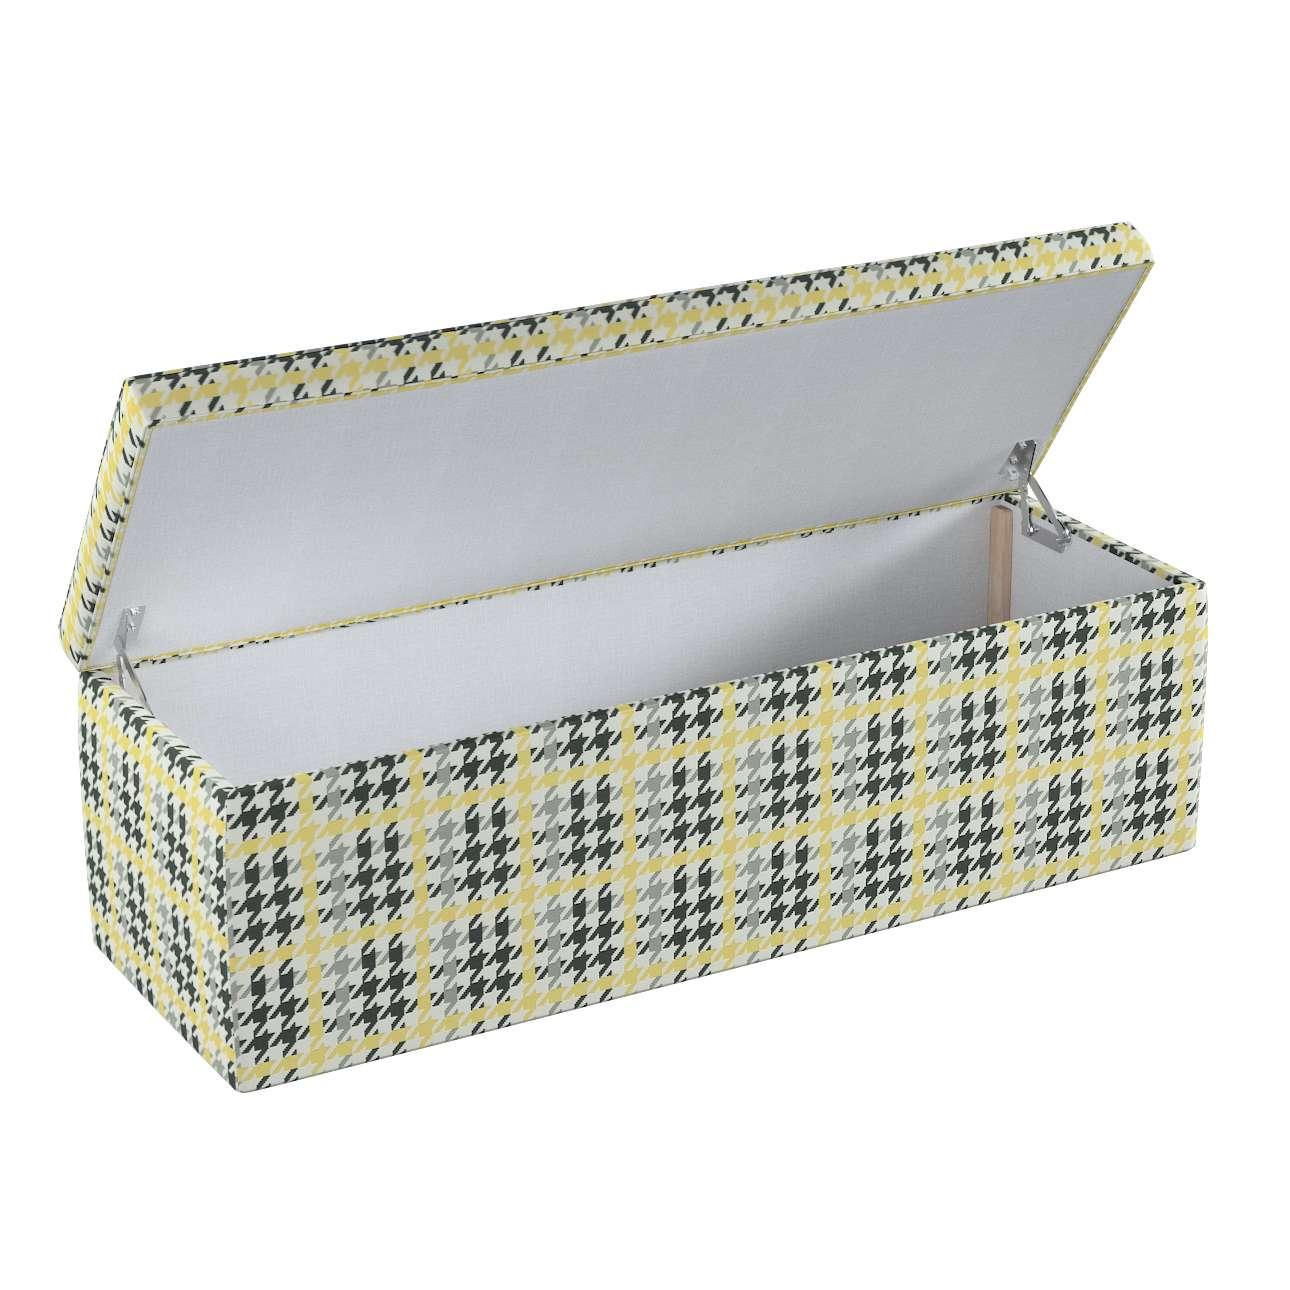 Čalouněná skříň s volbou látky - 2 velikosti v kolekci Brooklyn, látka: 137-79